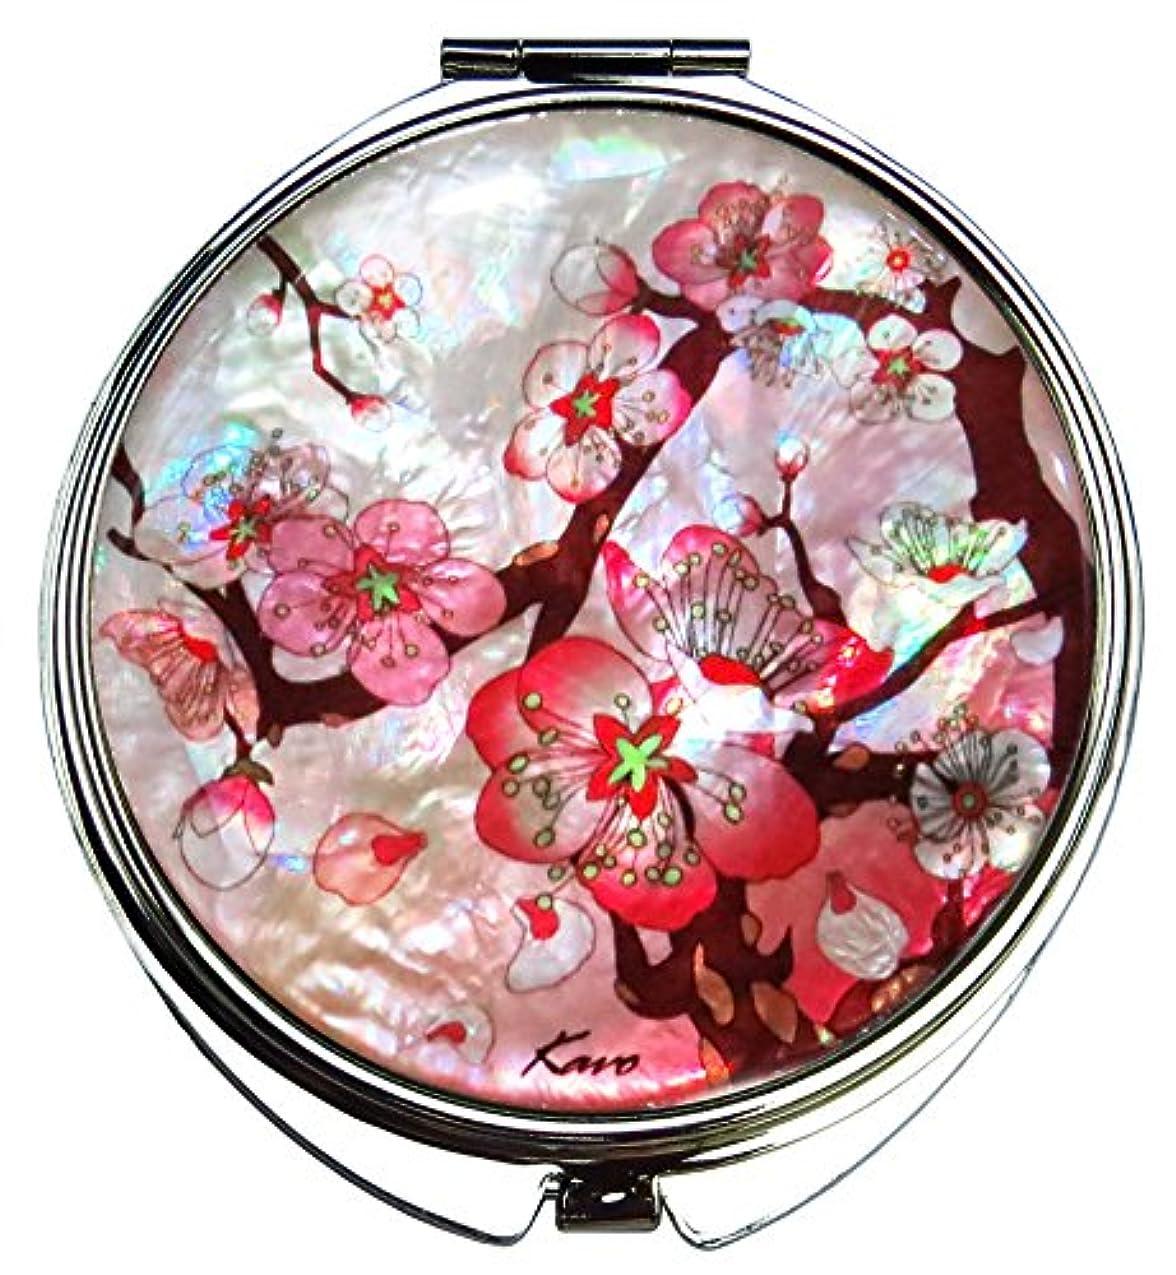 共同選択気分が悪い排除桜(さくら) の螺鈿(らでん)の金属デュアルコンパクトな折りたたみと拡大の化粧鏡 白灰色 [並行輸入品]